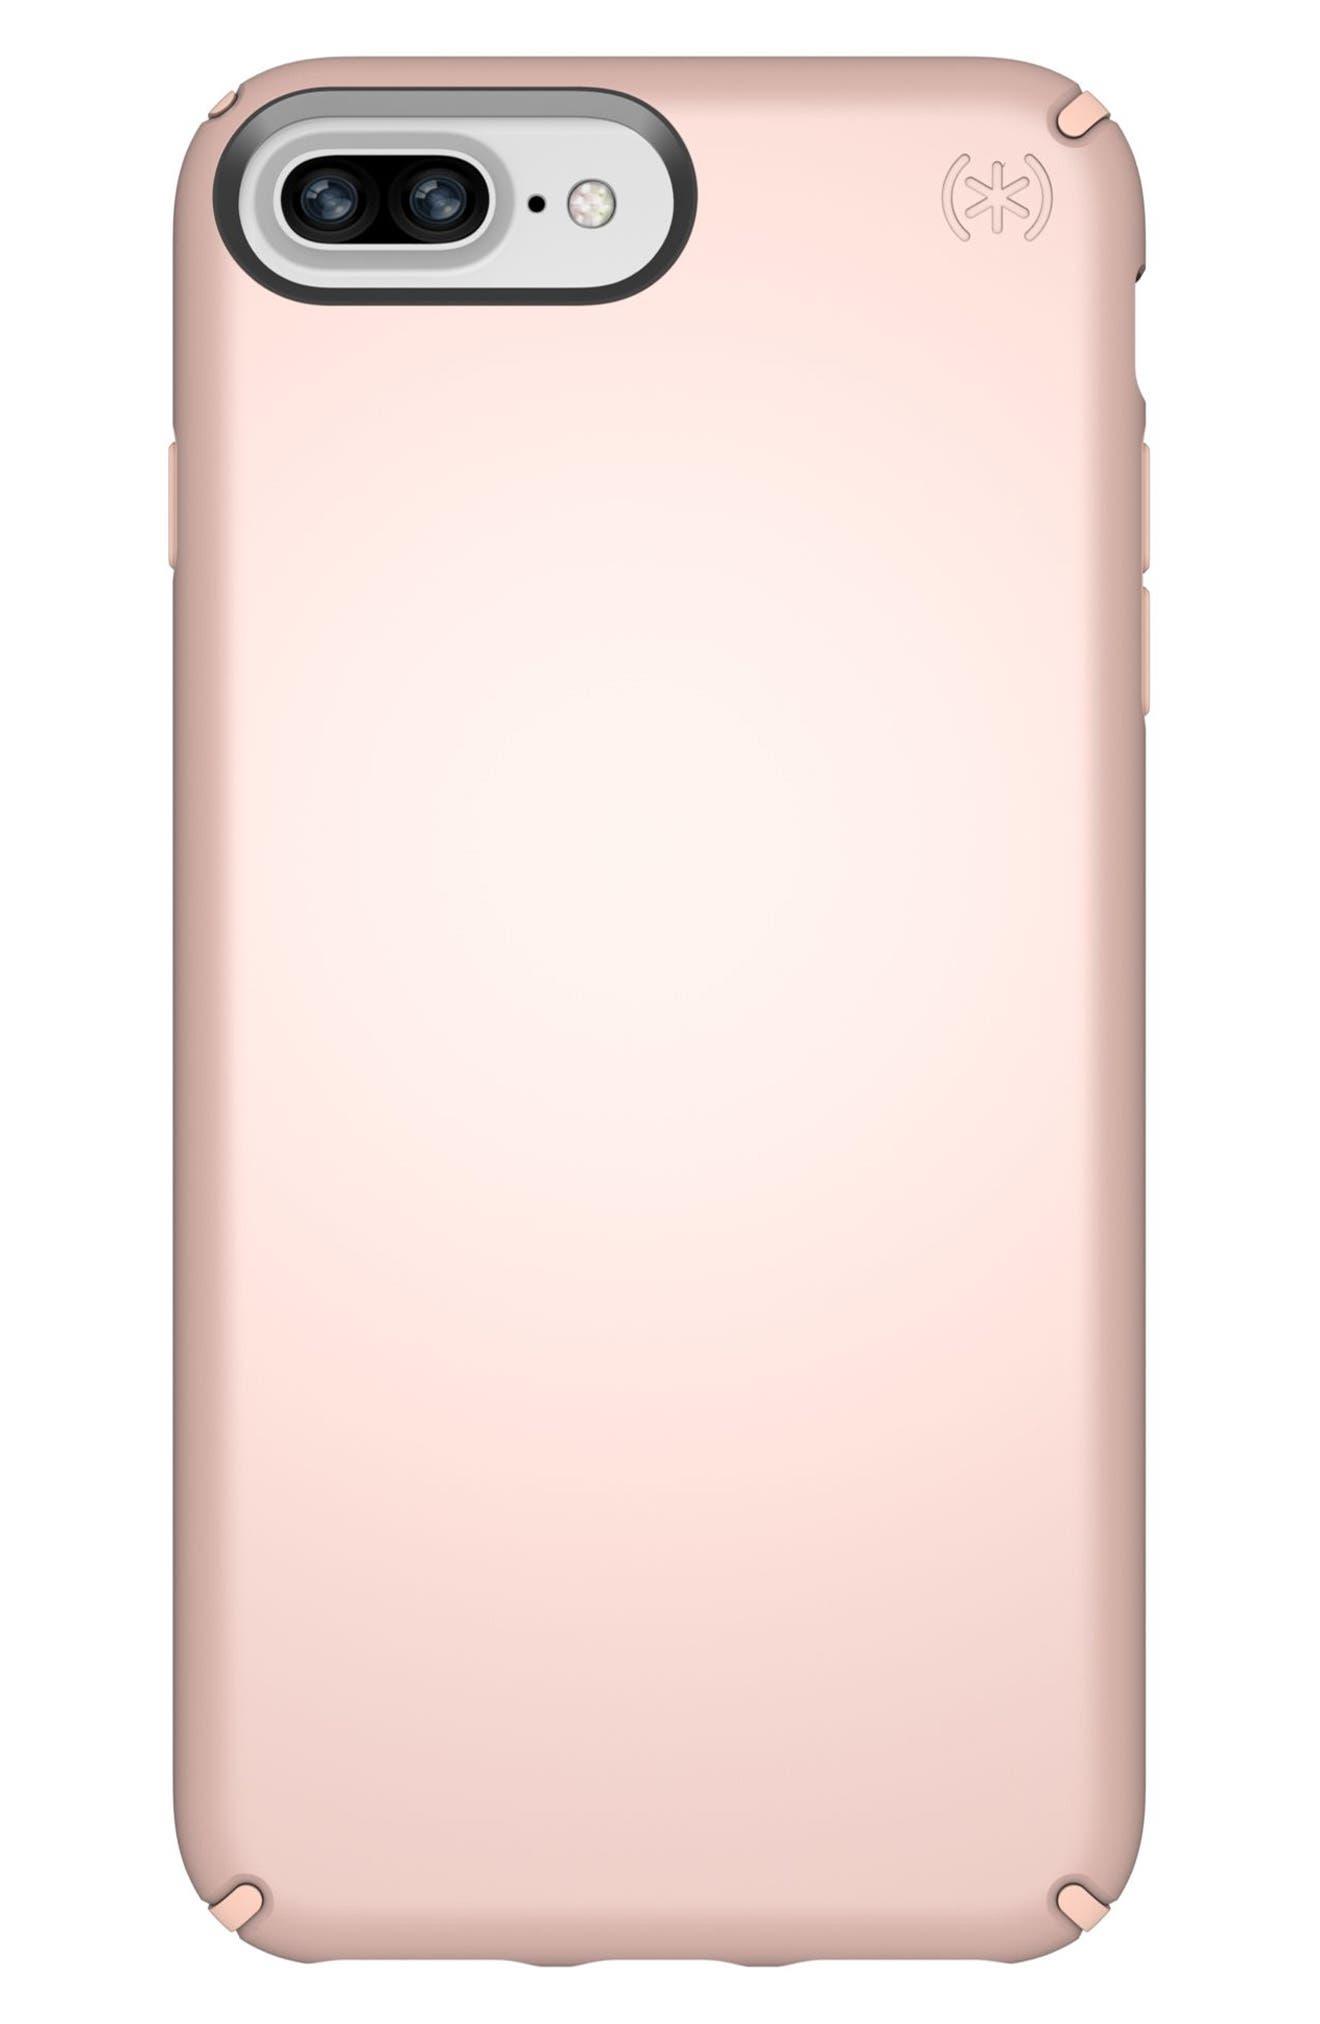 iPhone 6/6s/7/8 Plus Case,                         Main,                         color, Rose Gold Metallic/ Peach